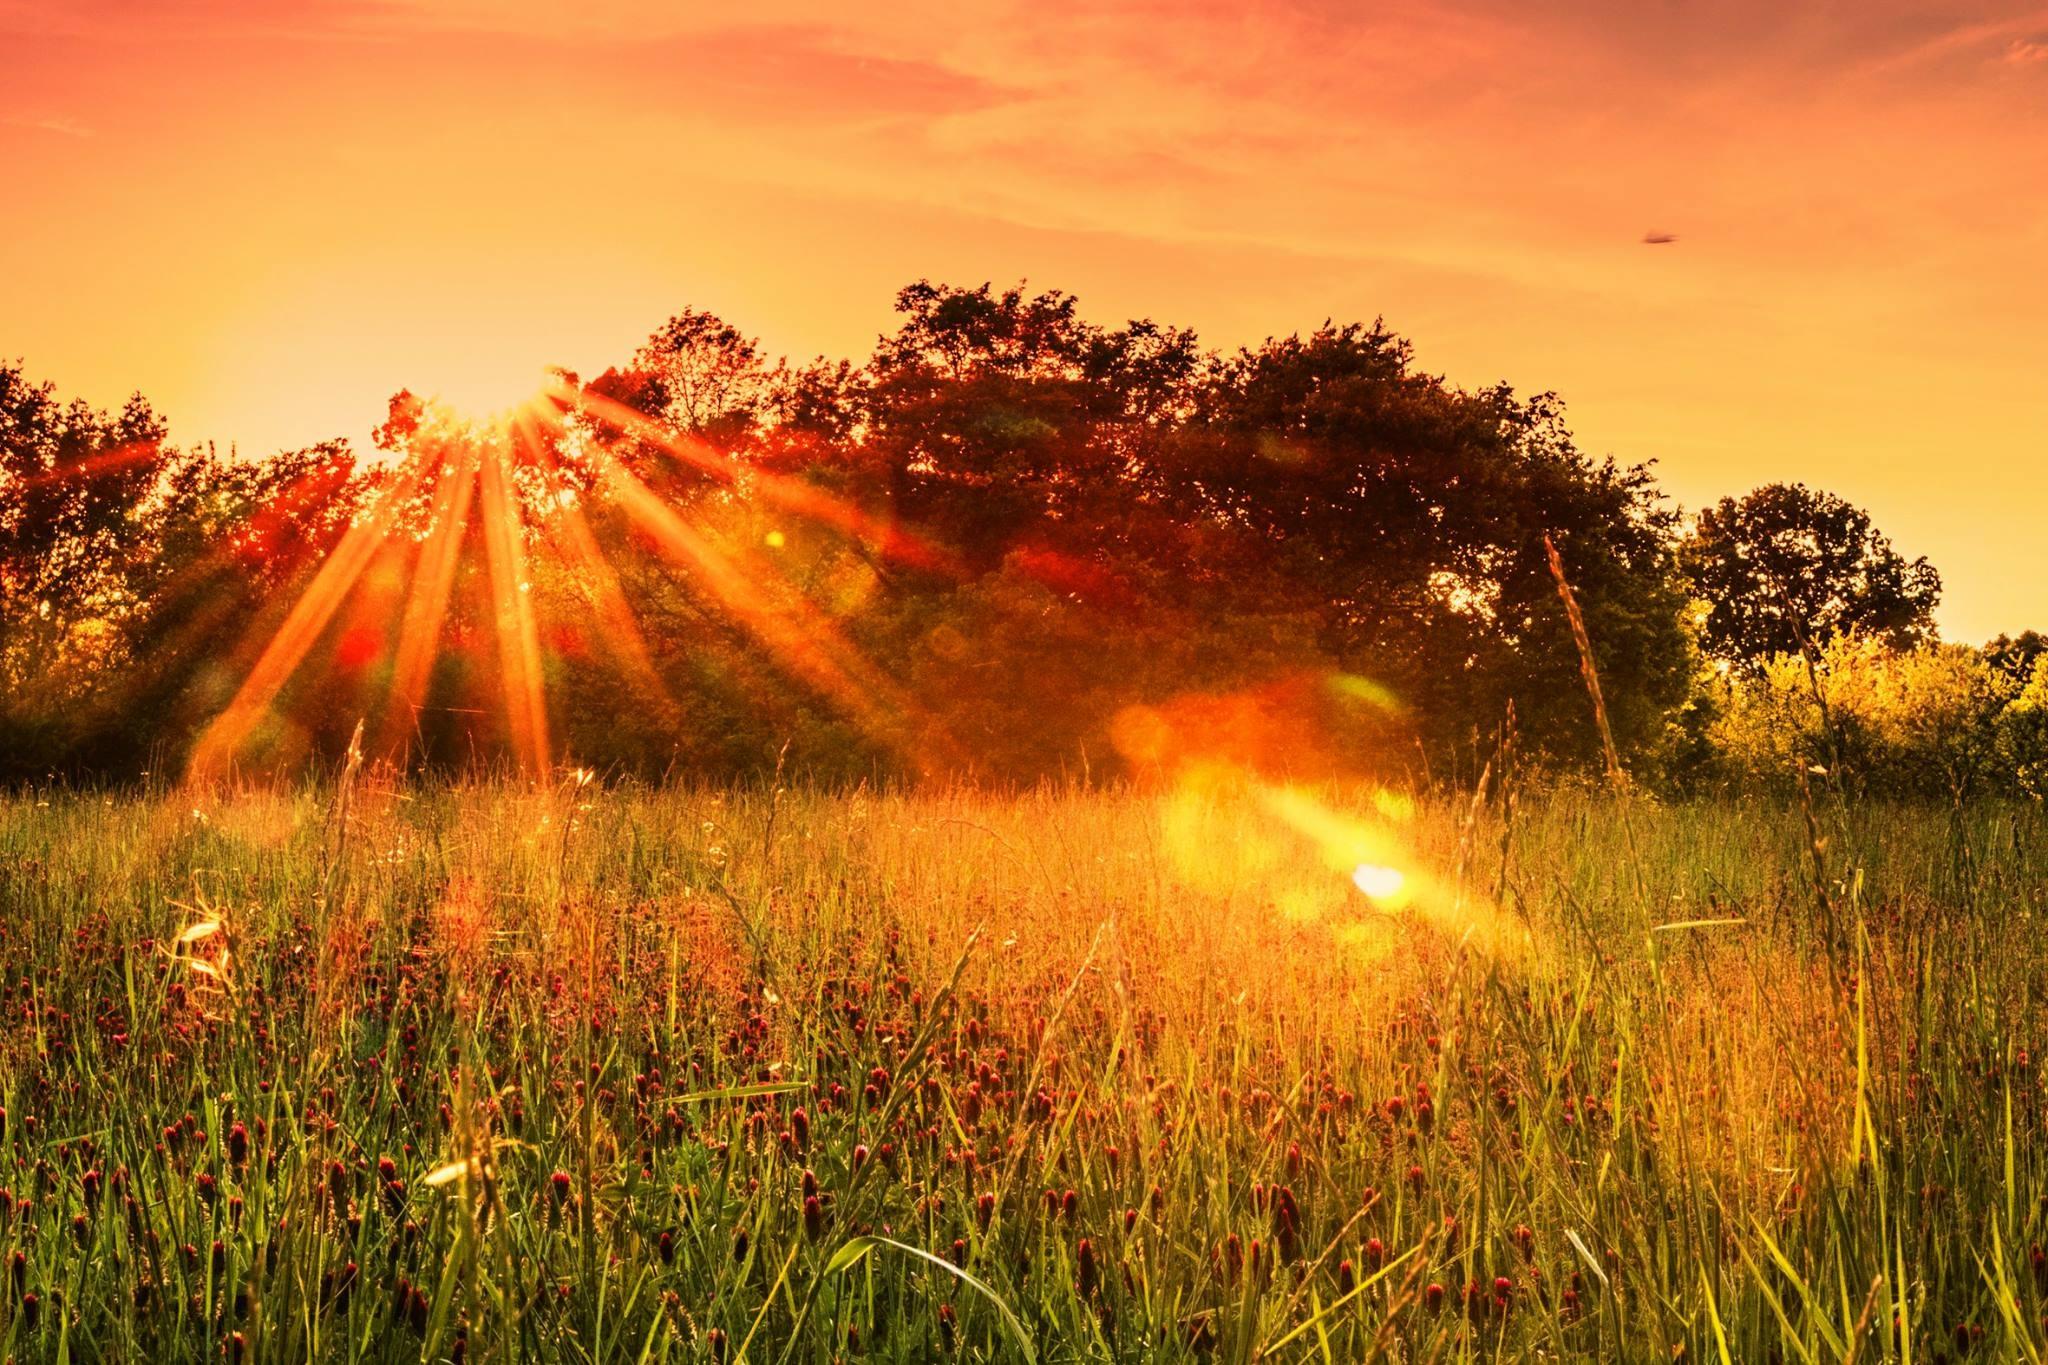 попади картинки восходящее солнце с лучами списке